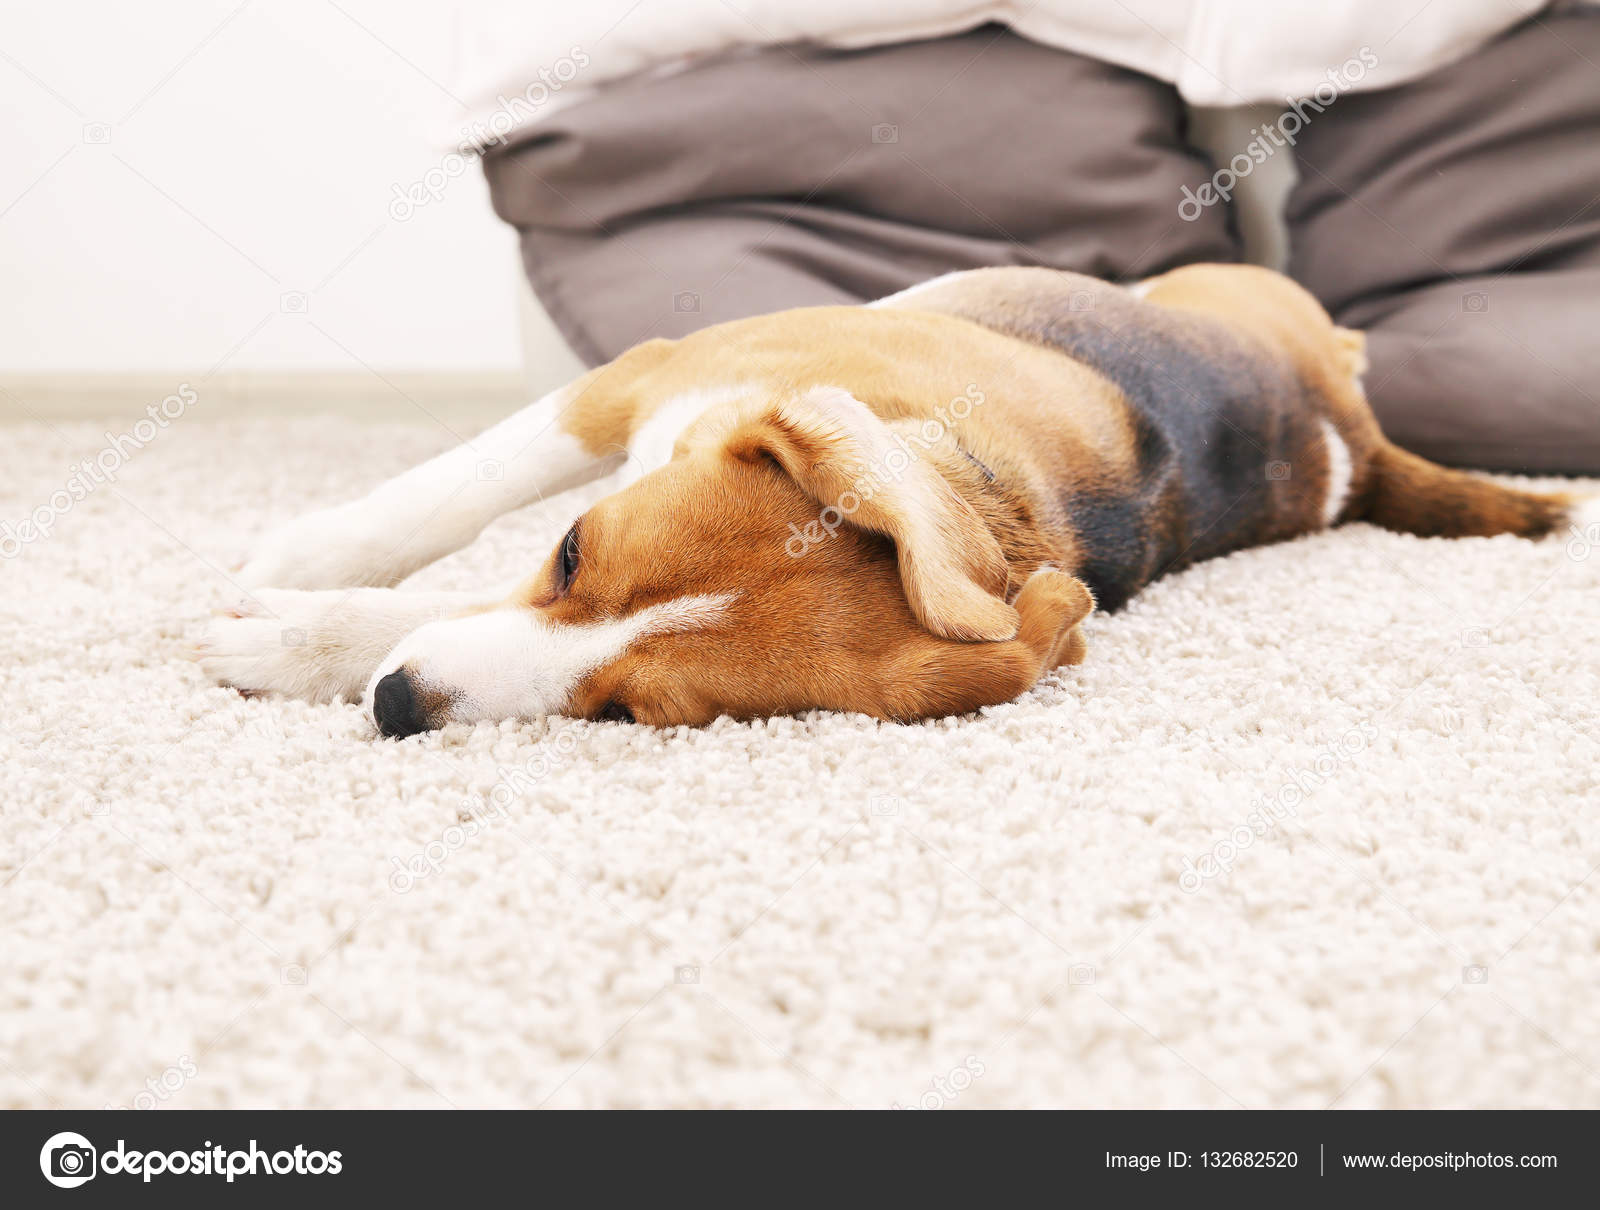 Tappeto Morbido Per Cani : Bugia di cane sul tappeto morbido relax casalingo per beagle